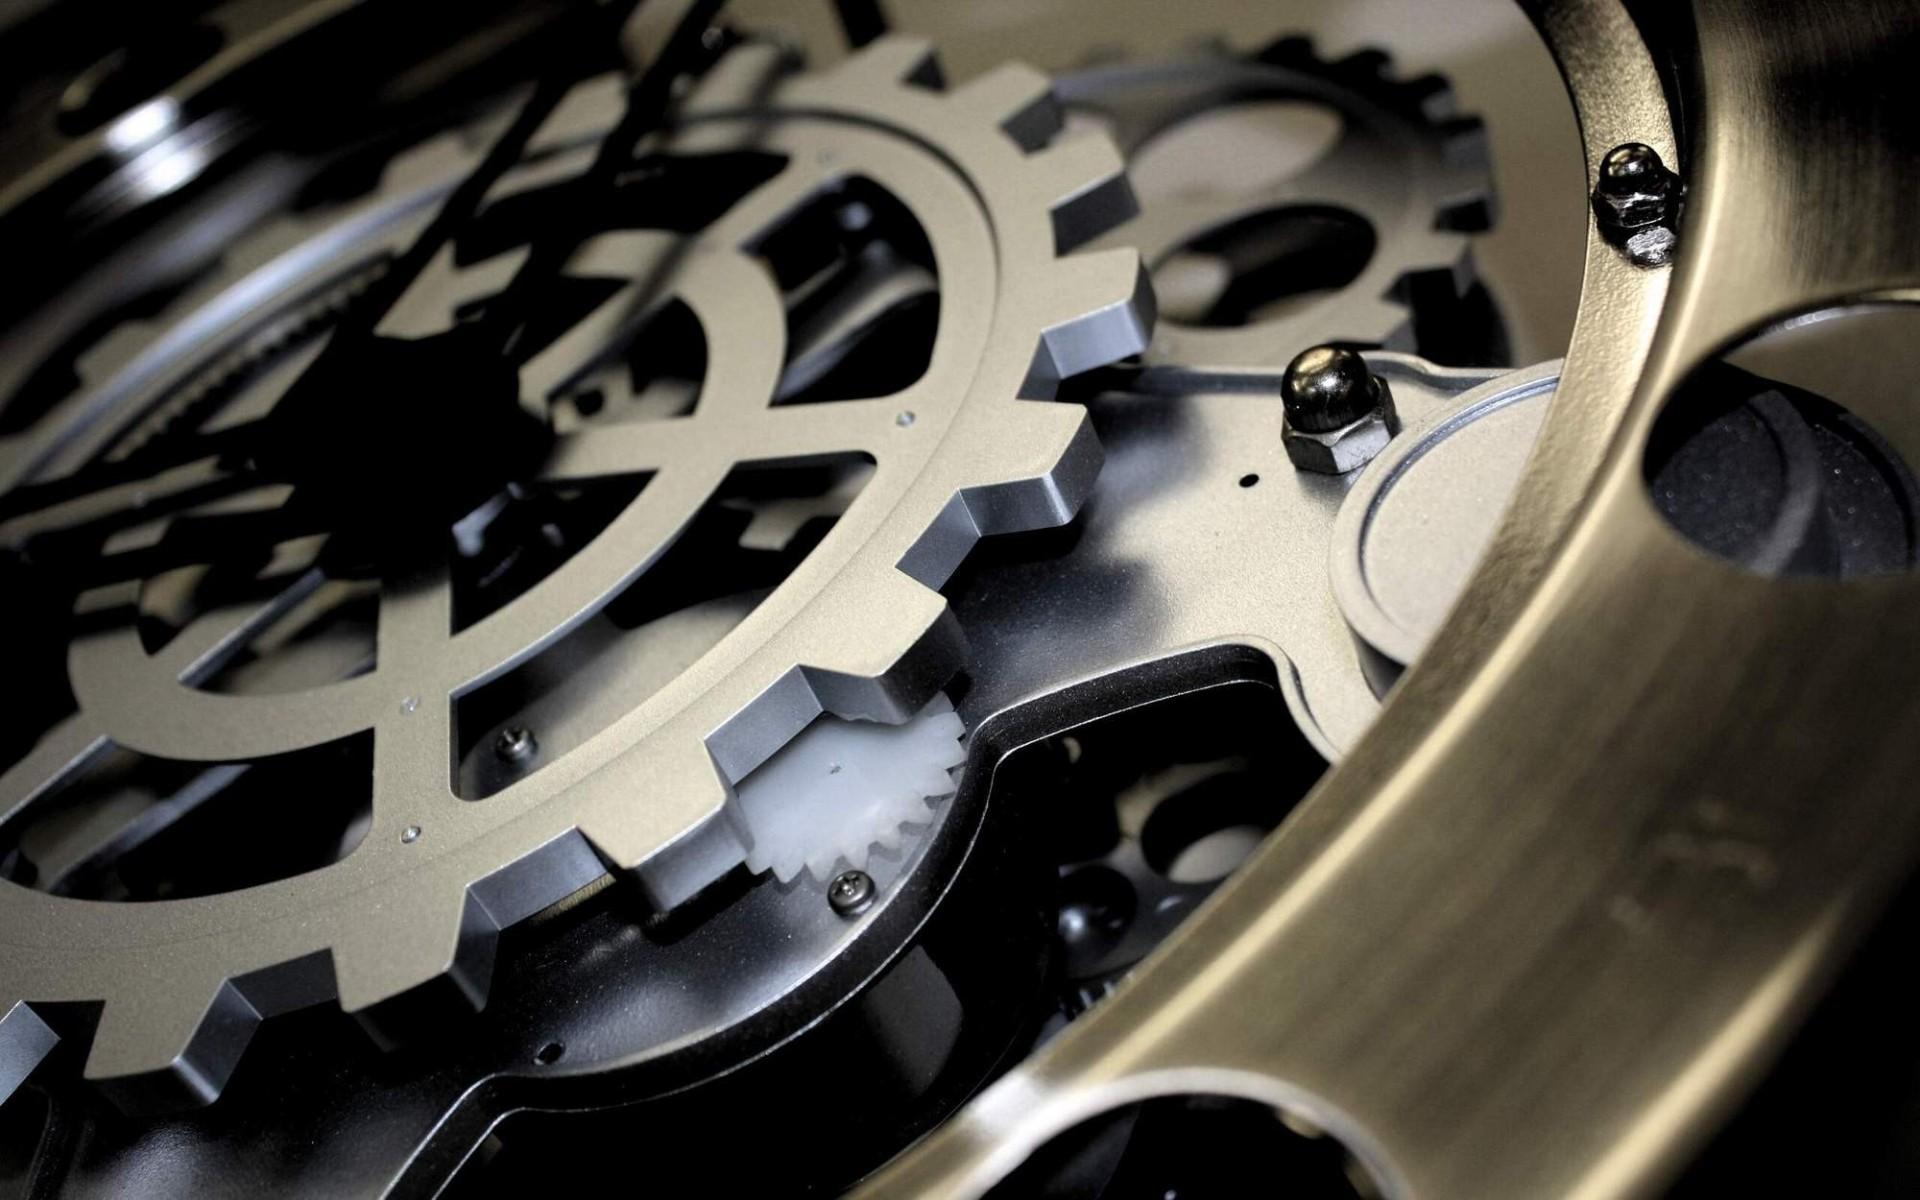 Ubuntu Clockwork Katzenberger